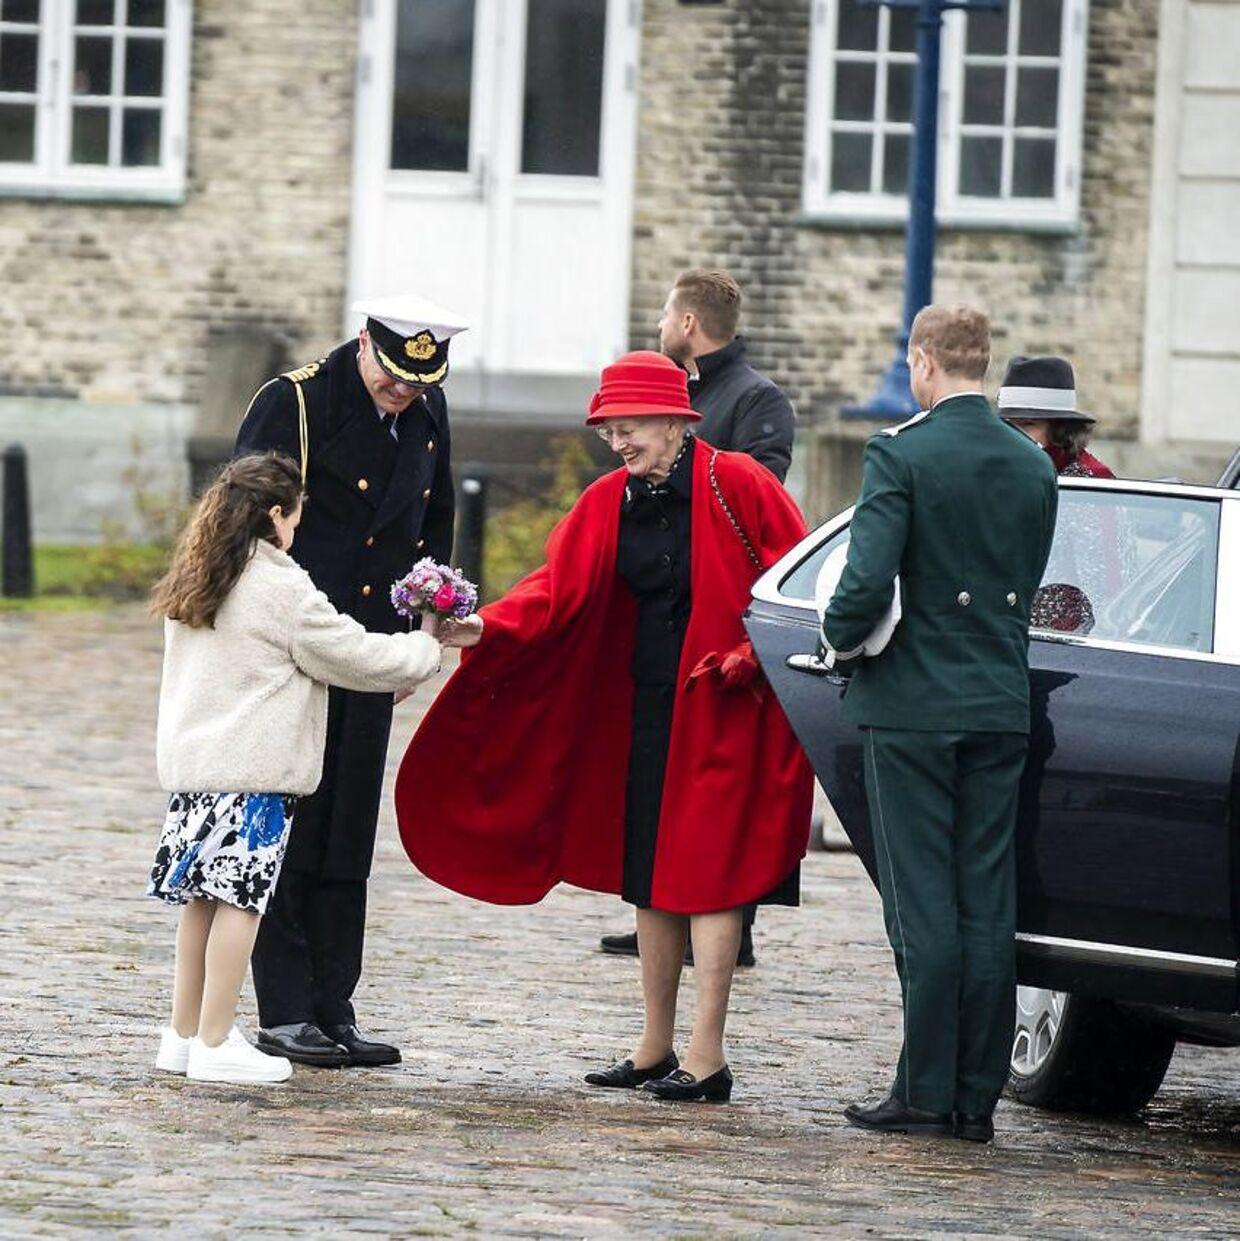 Inden hun forlod landjorden, modtog Dronning Margrethe en buket blomster fra en fremmødt pige.